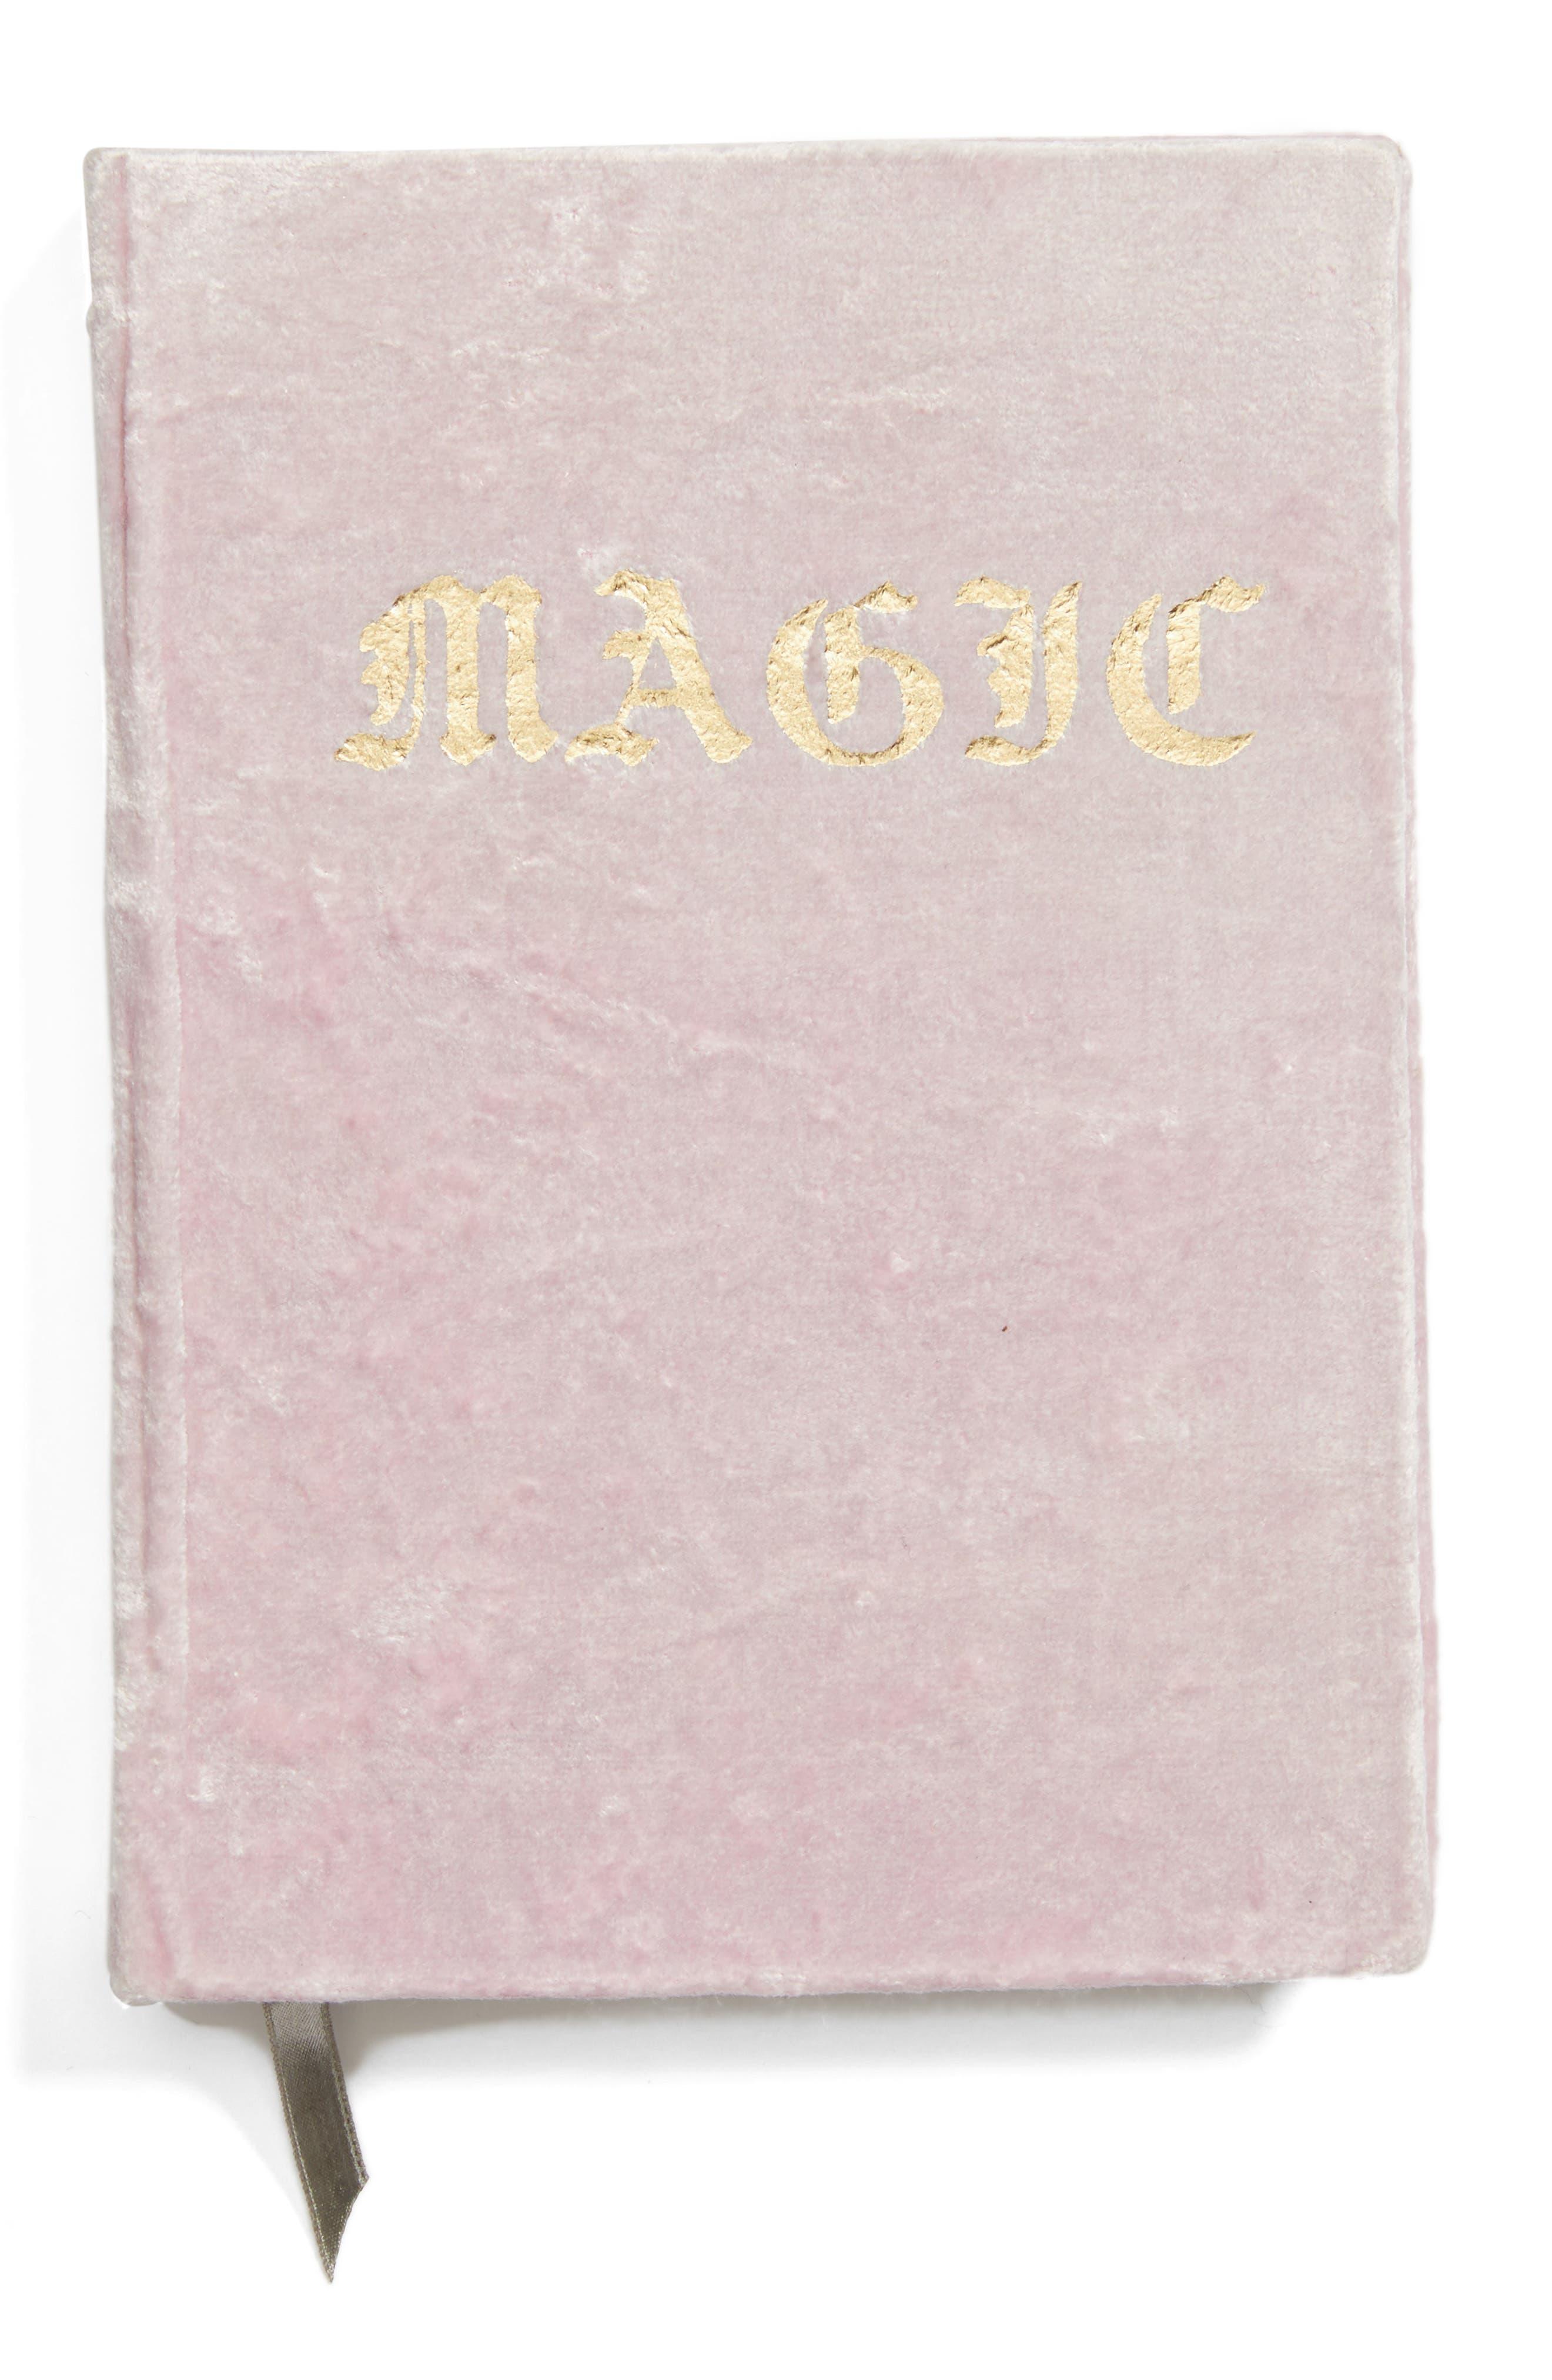 Printfresh Studio Magic Velvet Journal